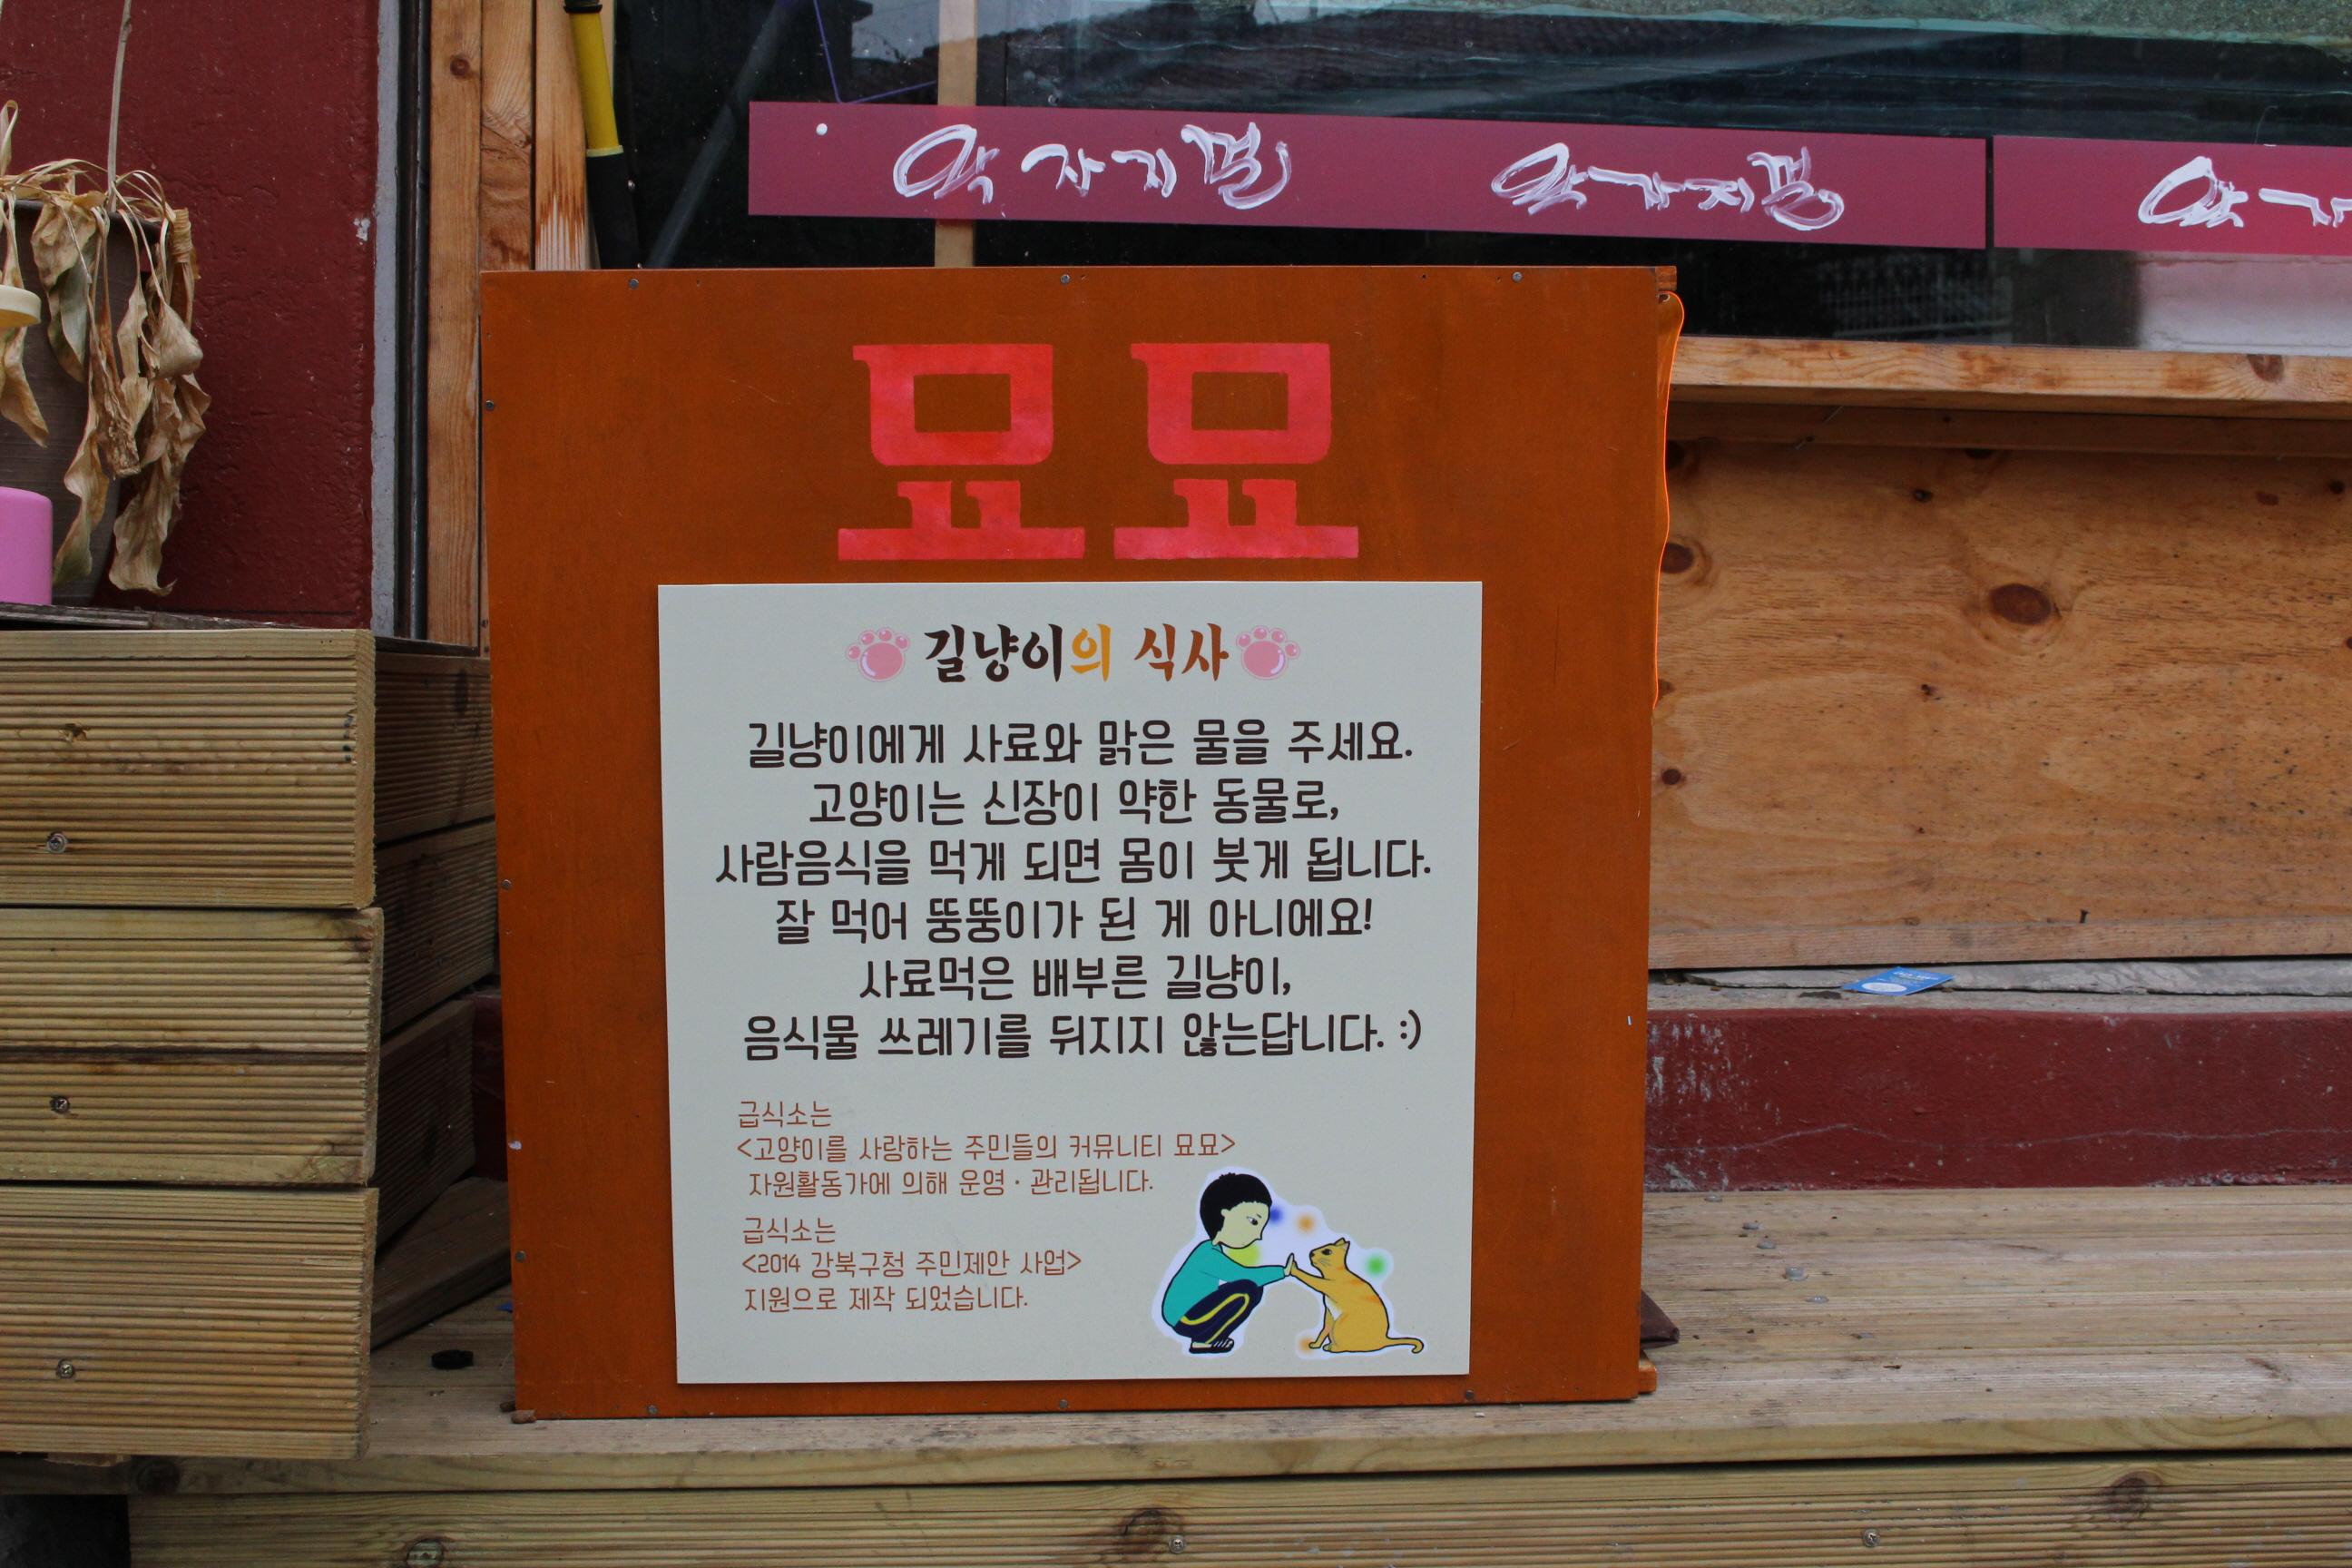 묘한 만남_급식소 제작, 운영